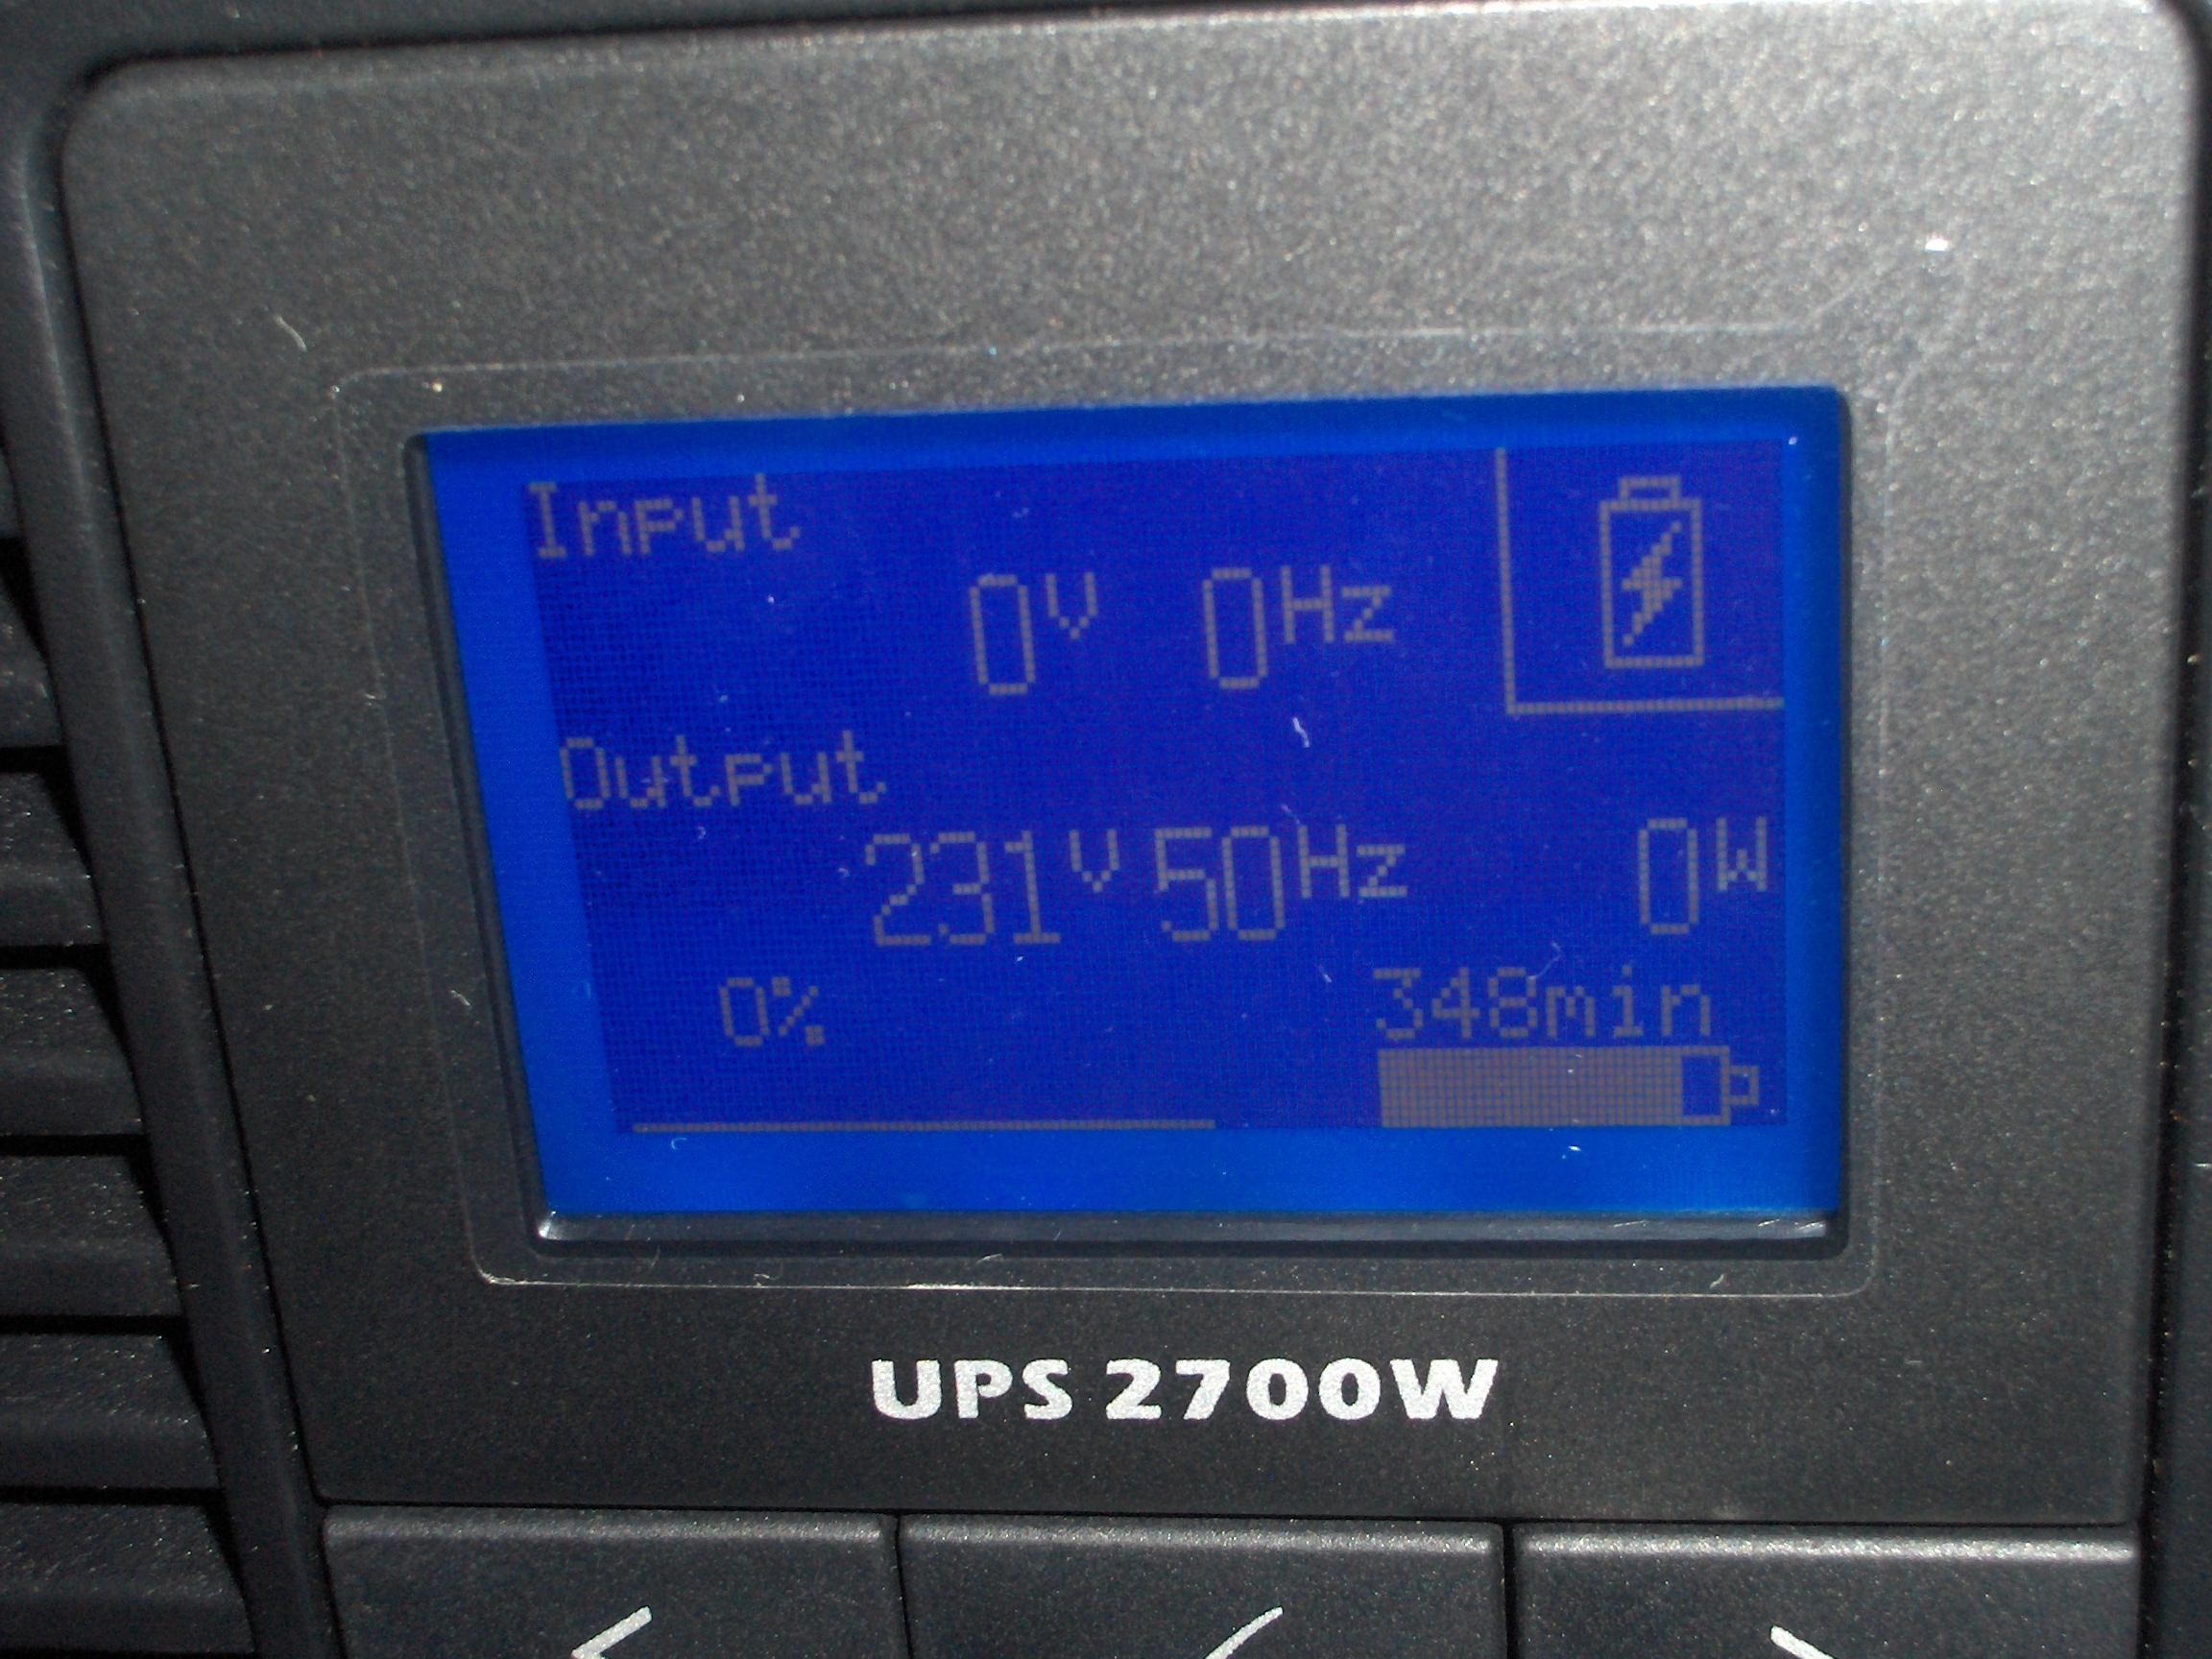 [Sprzedam] UPS DELL J727N 1szt (2700W)